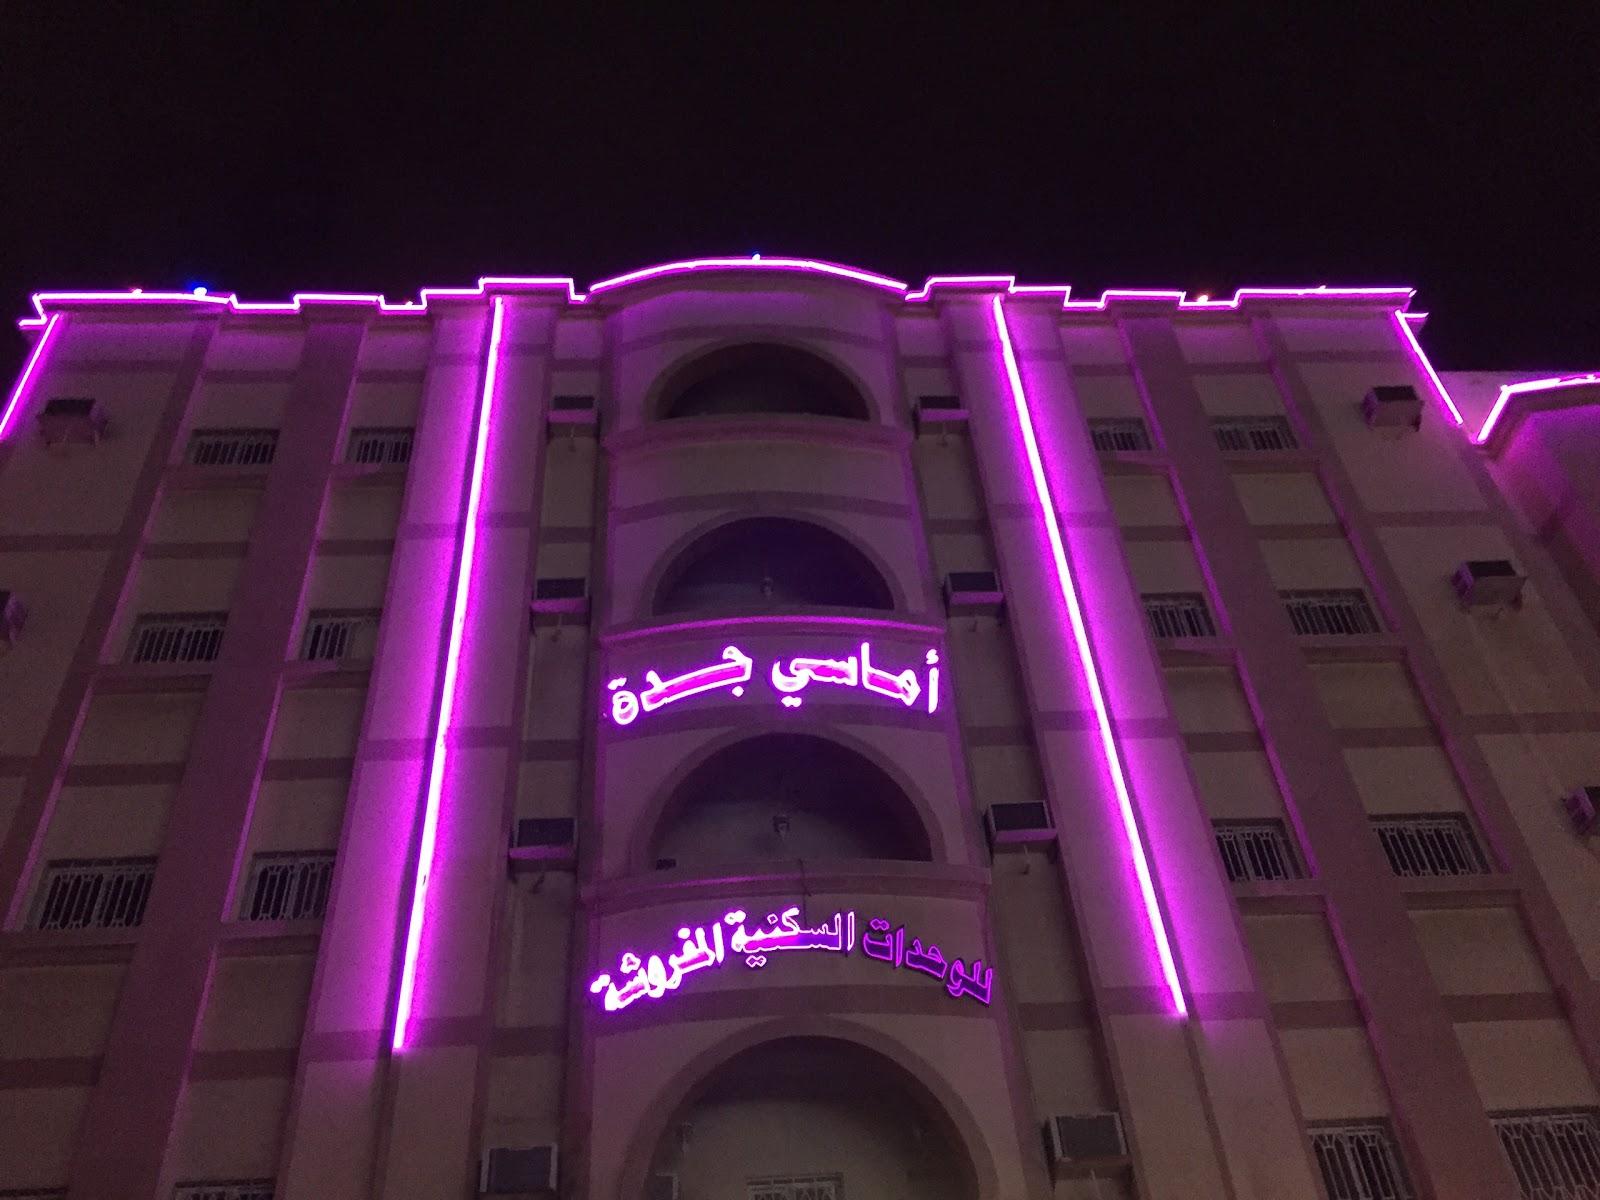 وظائف خالية فى فندق أماسي فى السعودية 2020